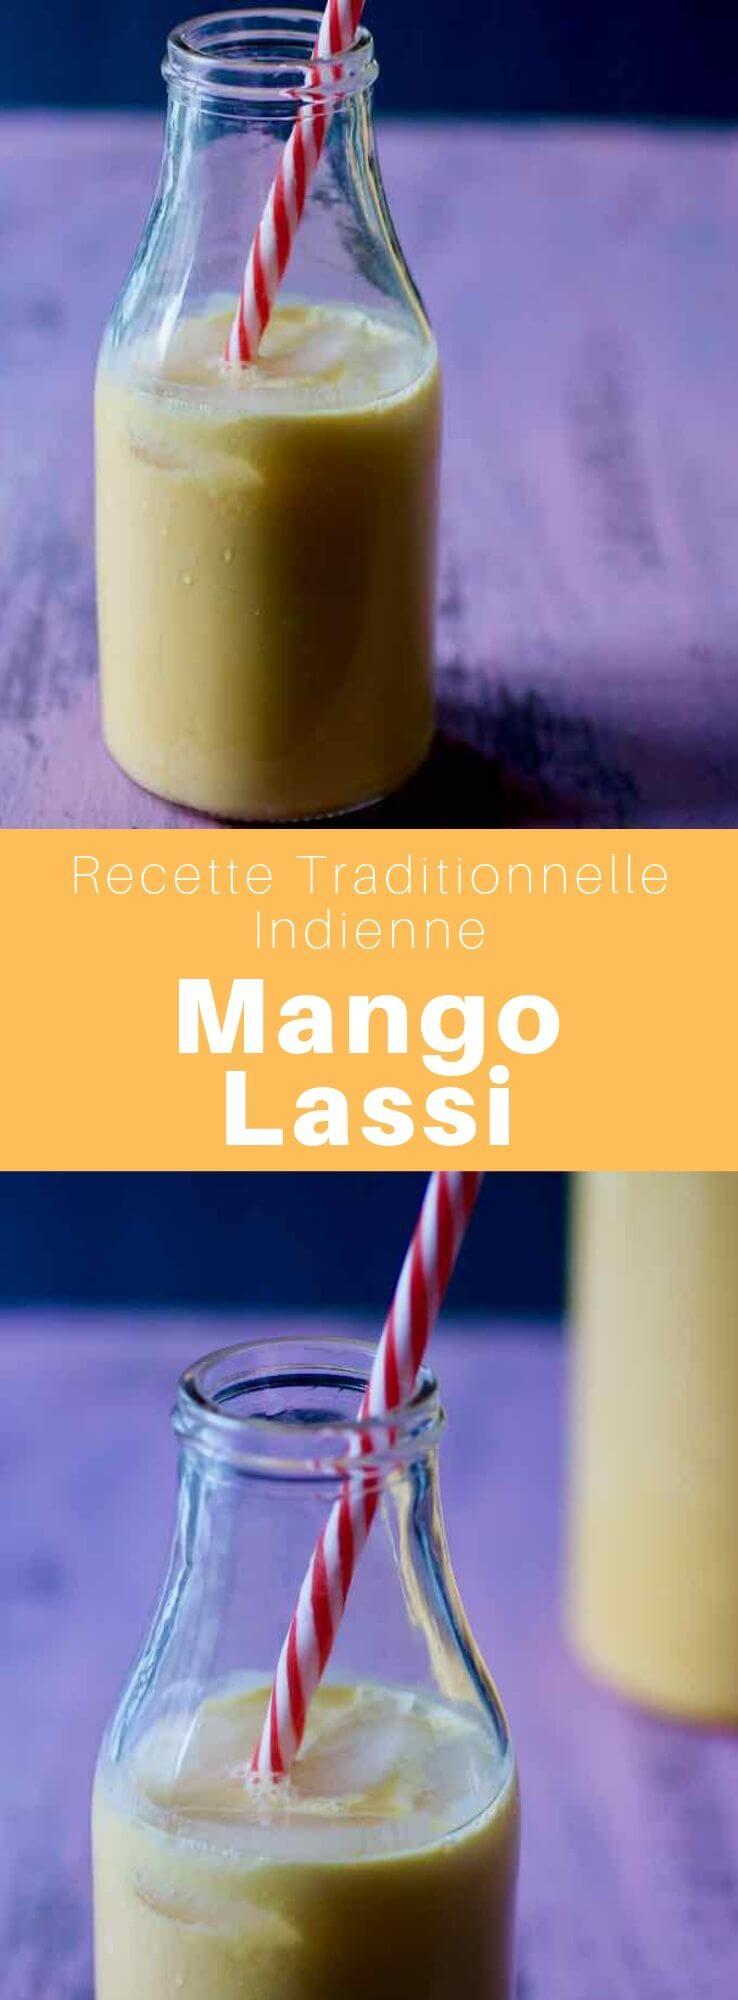 Le lassi à la mangue est une boisson délicieusement douce, très populaire en Inde, préparée à base de dahi (yaoût), lait et mangue. #Inde #CuisineIndienne #RecetteIndienne #CuisineDuMonde #196flavors